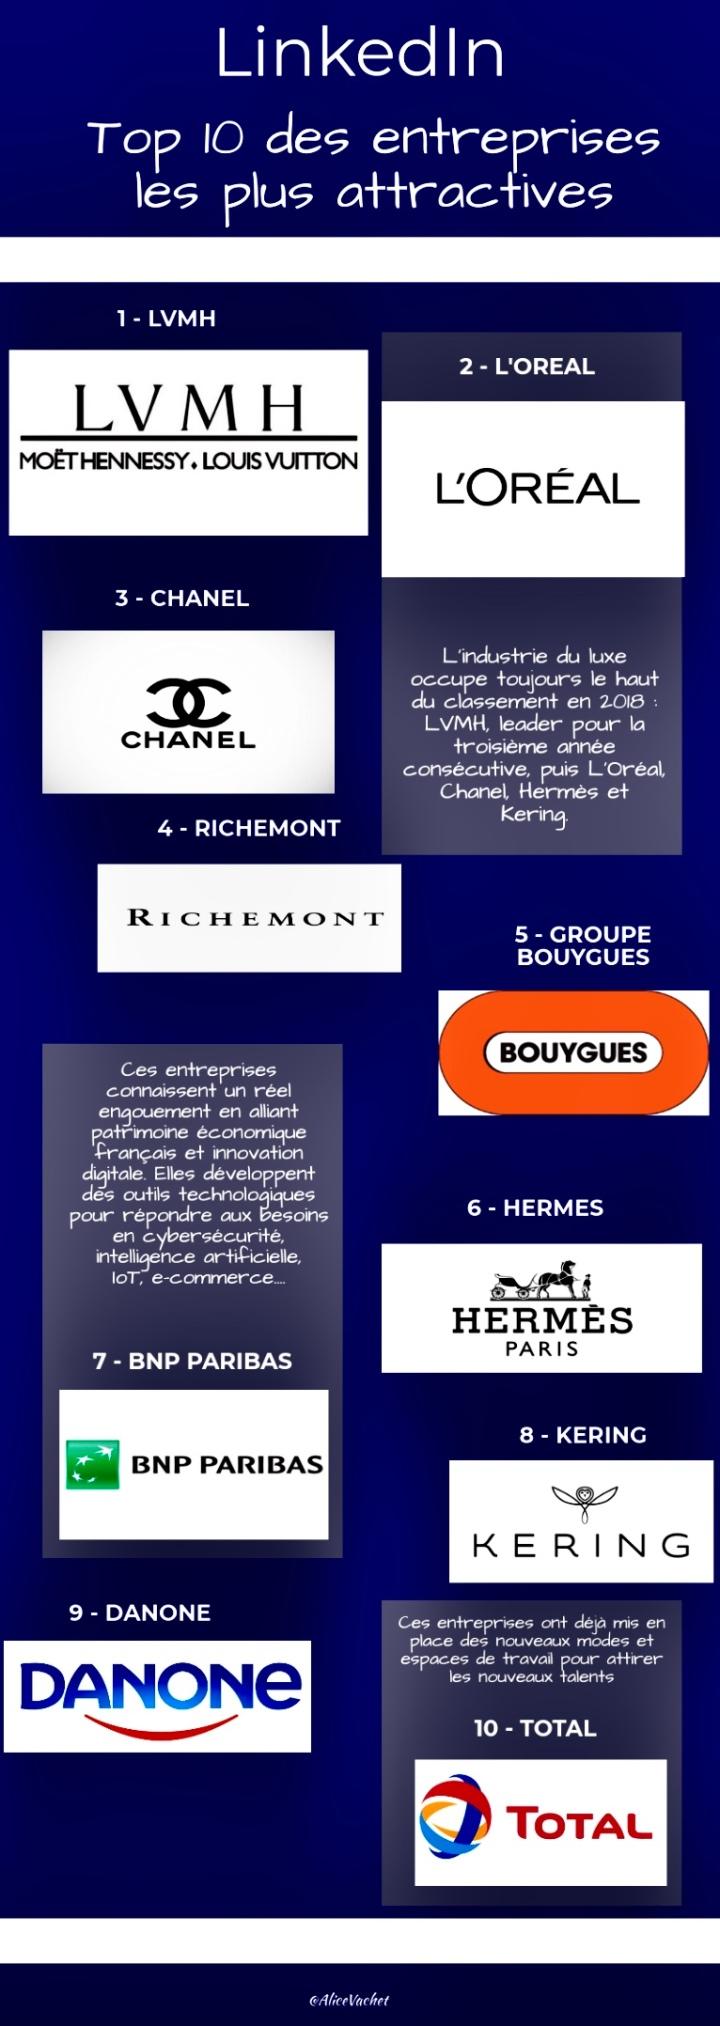 [Infographie] Employer Branding – Top 10 des entreprises les plus attractives sur LinkedIn🏆